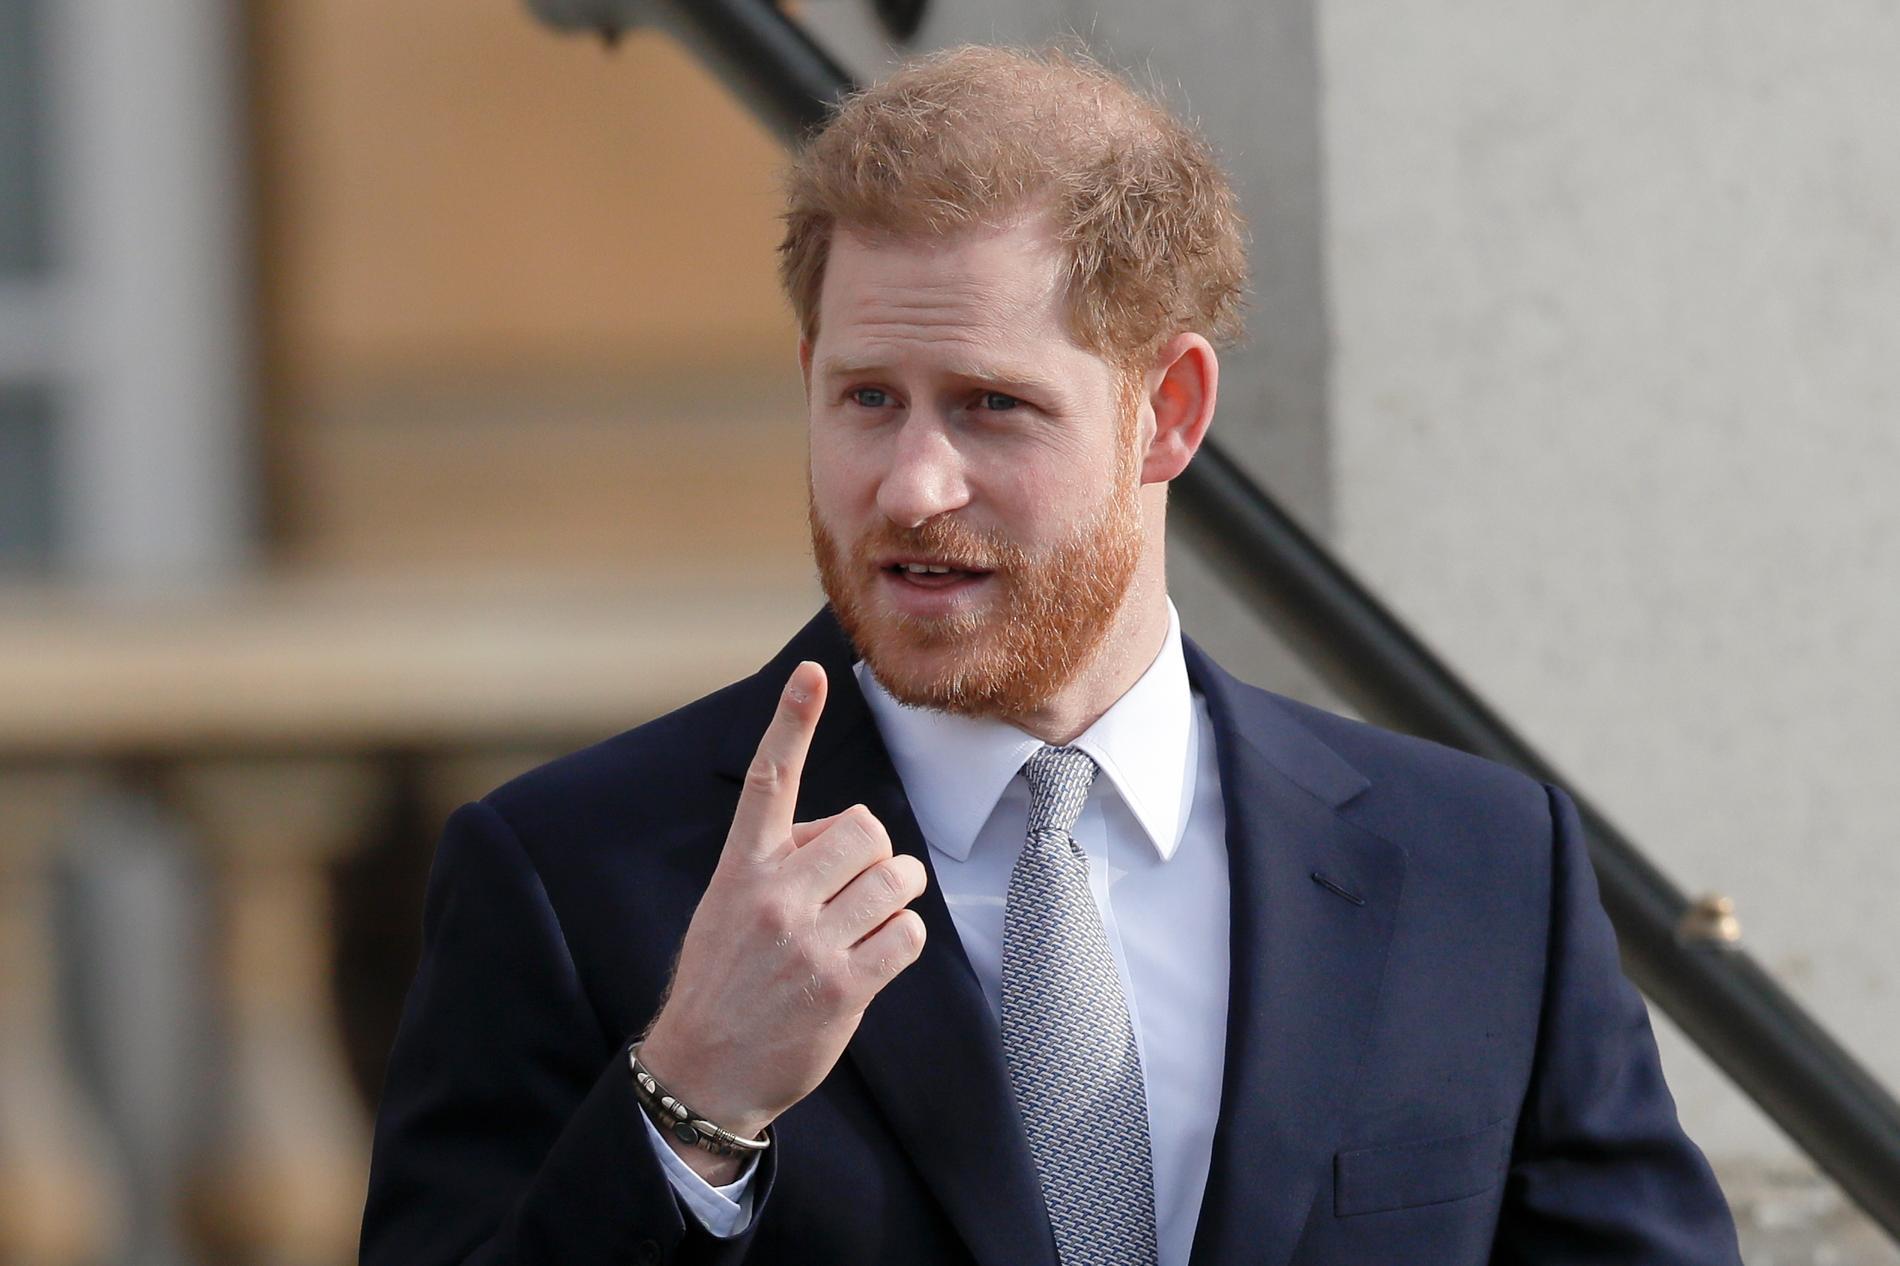 Prins Harrys fru övertalade honom att gå i terapi för sin ilska mot medierna.